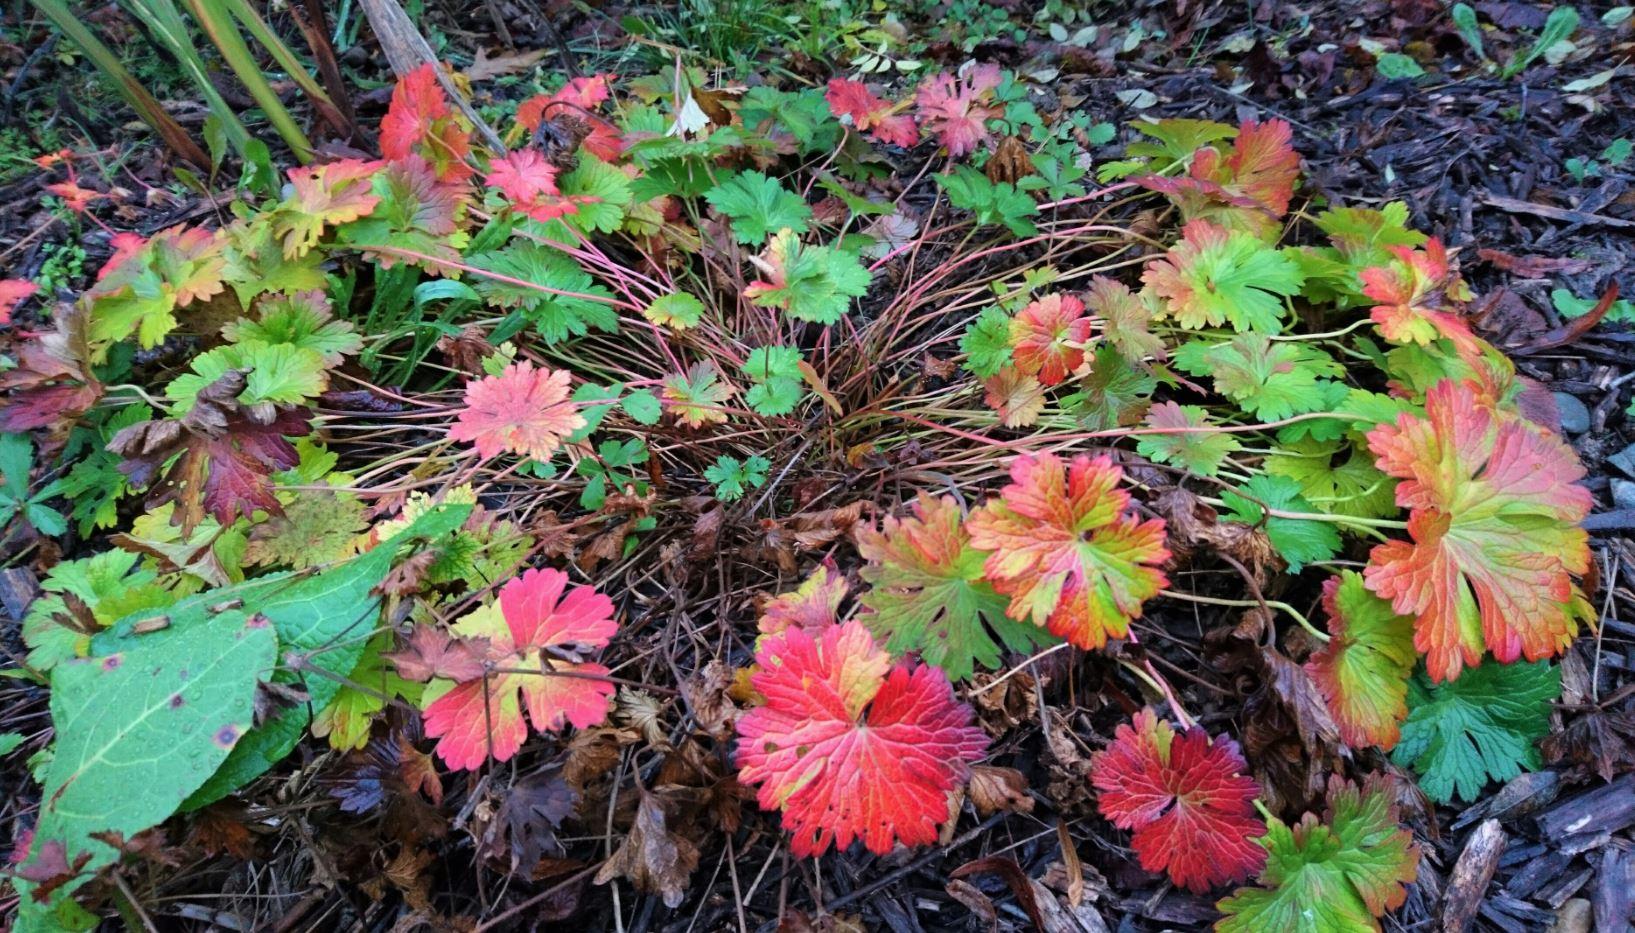 A l'automne, il prend de belles teintes rouille avant de disparaître jusqu'au printemps suivant.